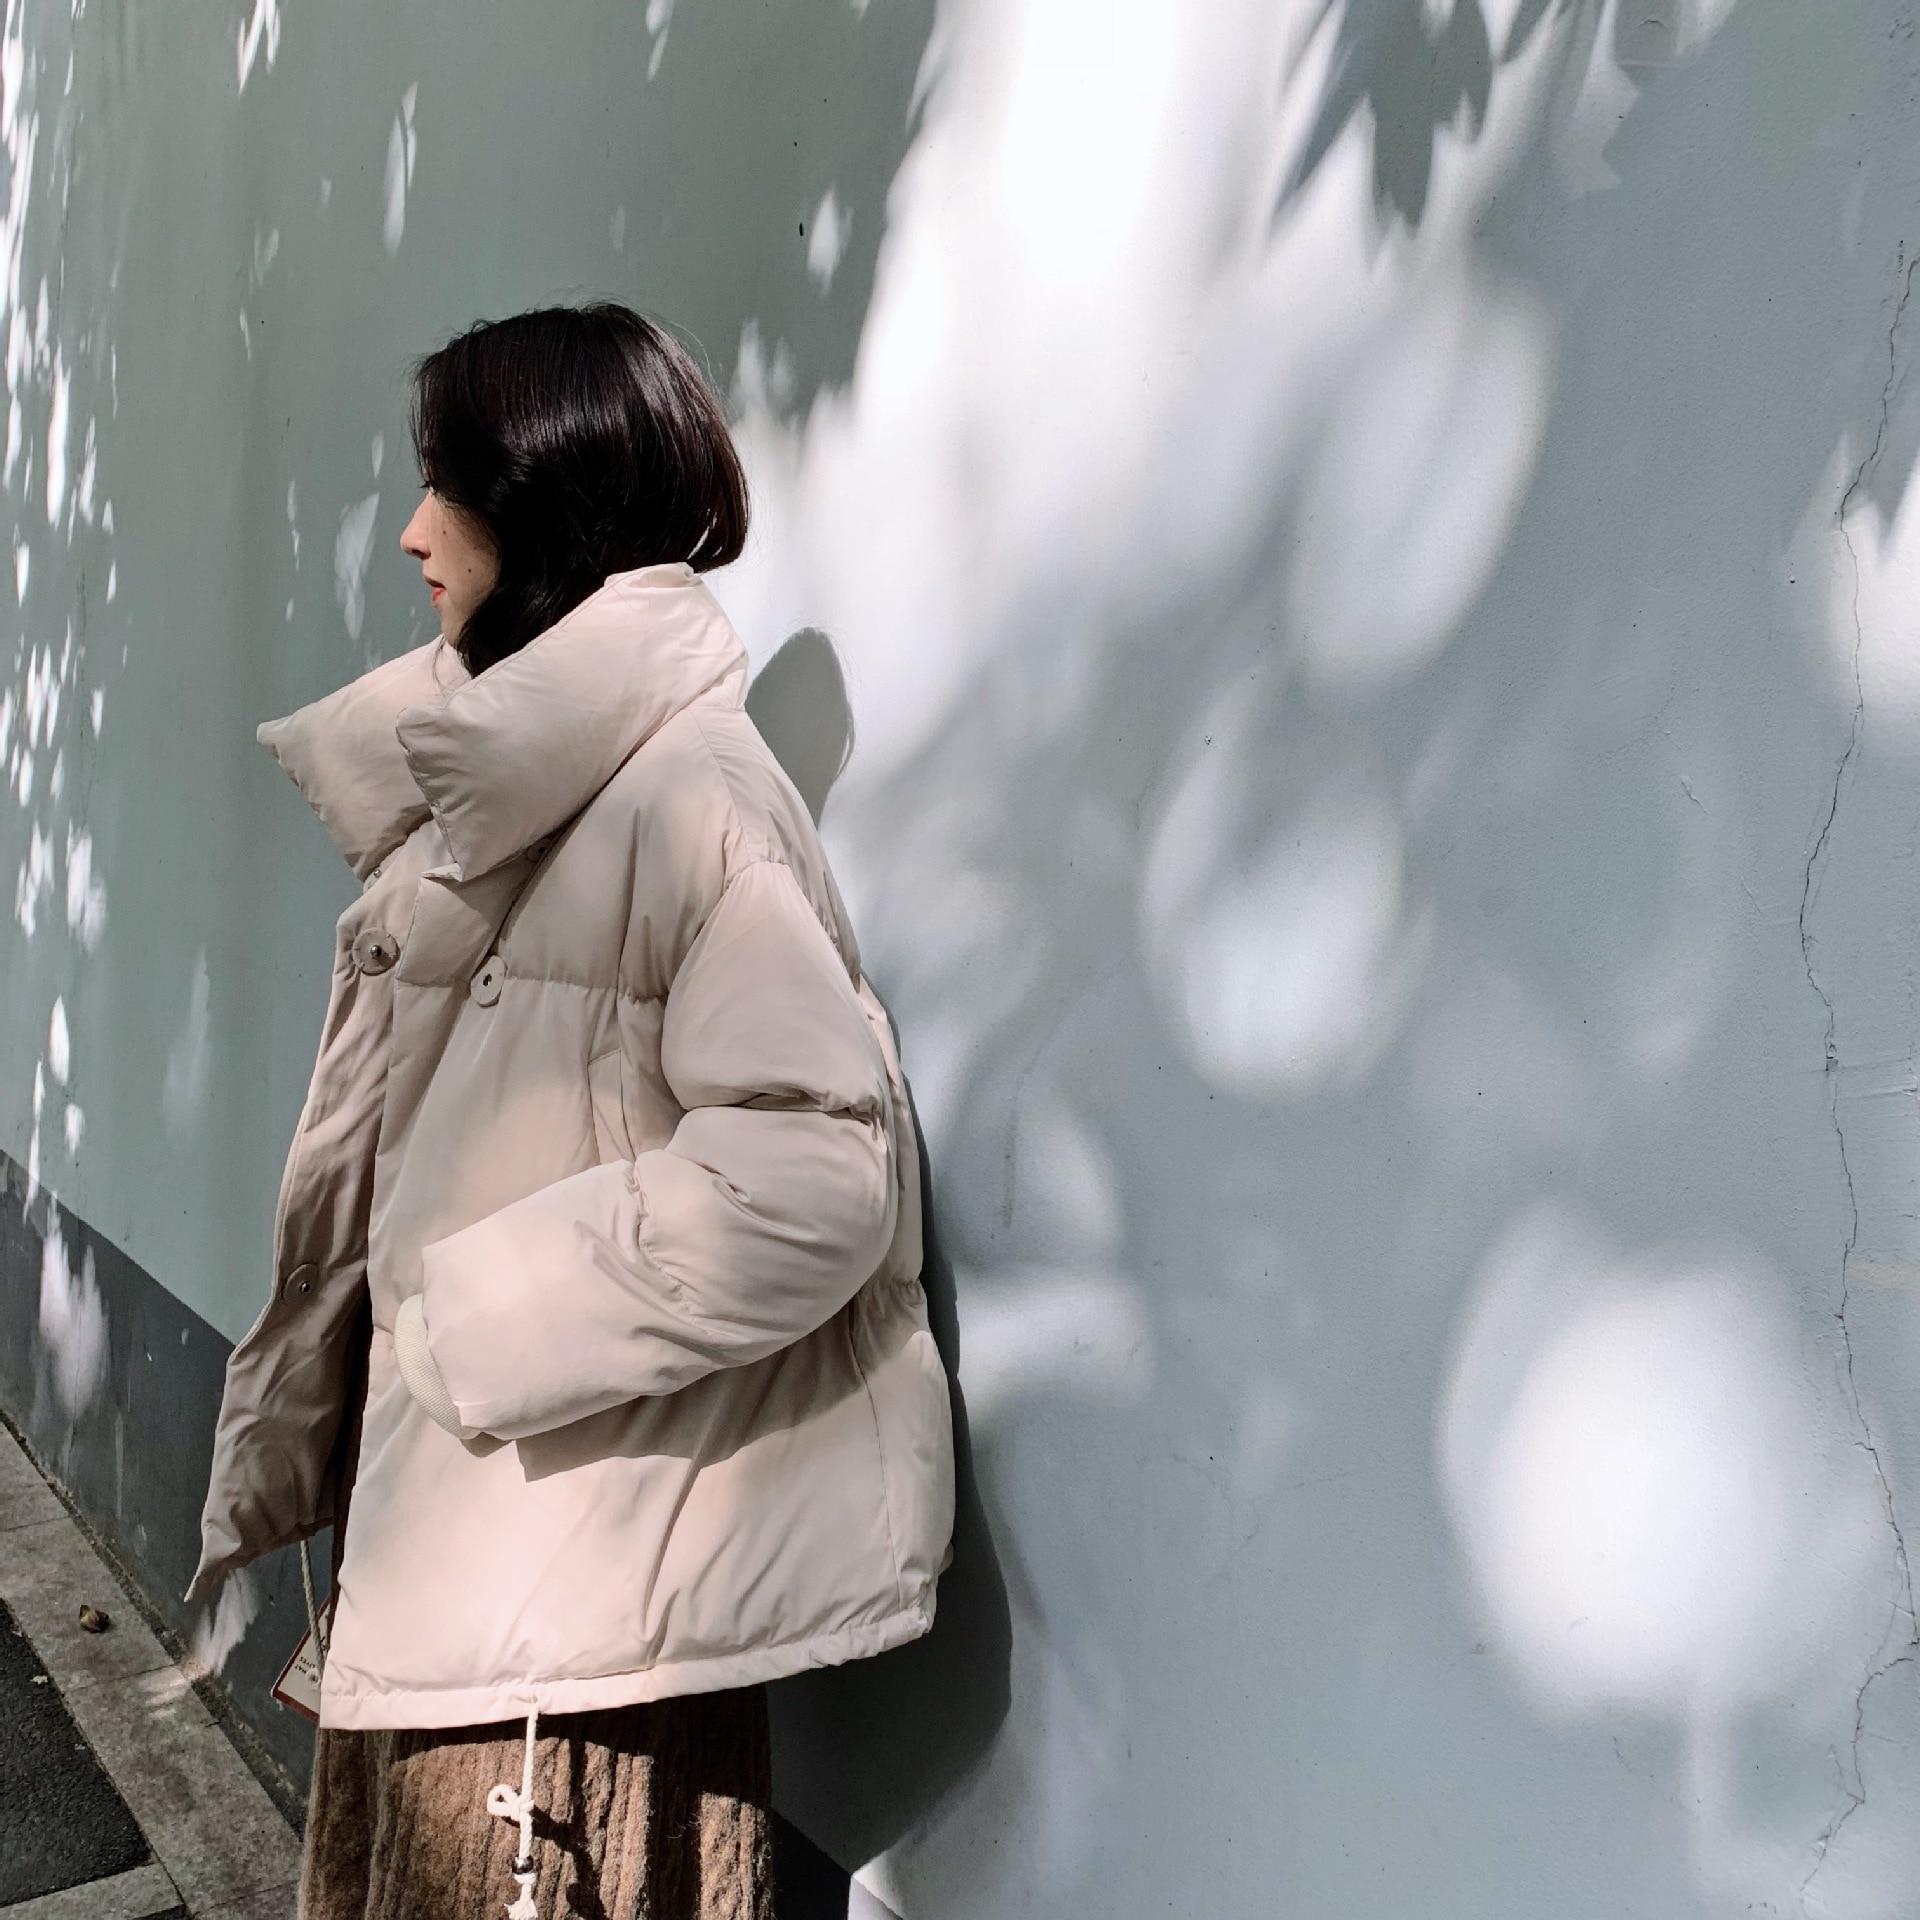 Hiver En Lâche Chauds Beige Femmes Manteau Service Pain Vêtements Coton Femelle Épaissir 1020 Court 2019 Étudiant Parkas vert noir marron FX6vq